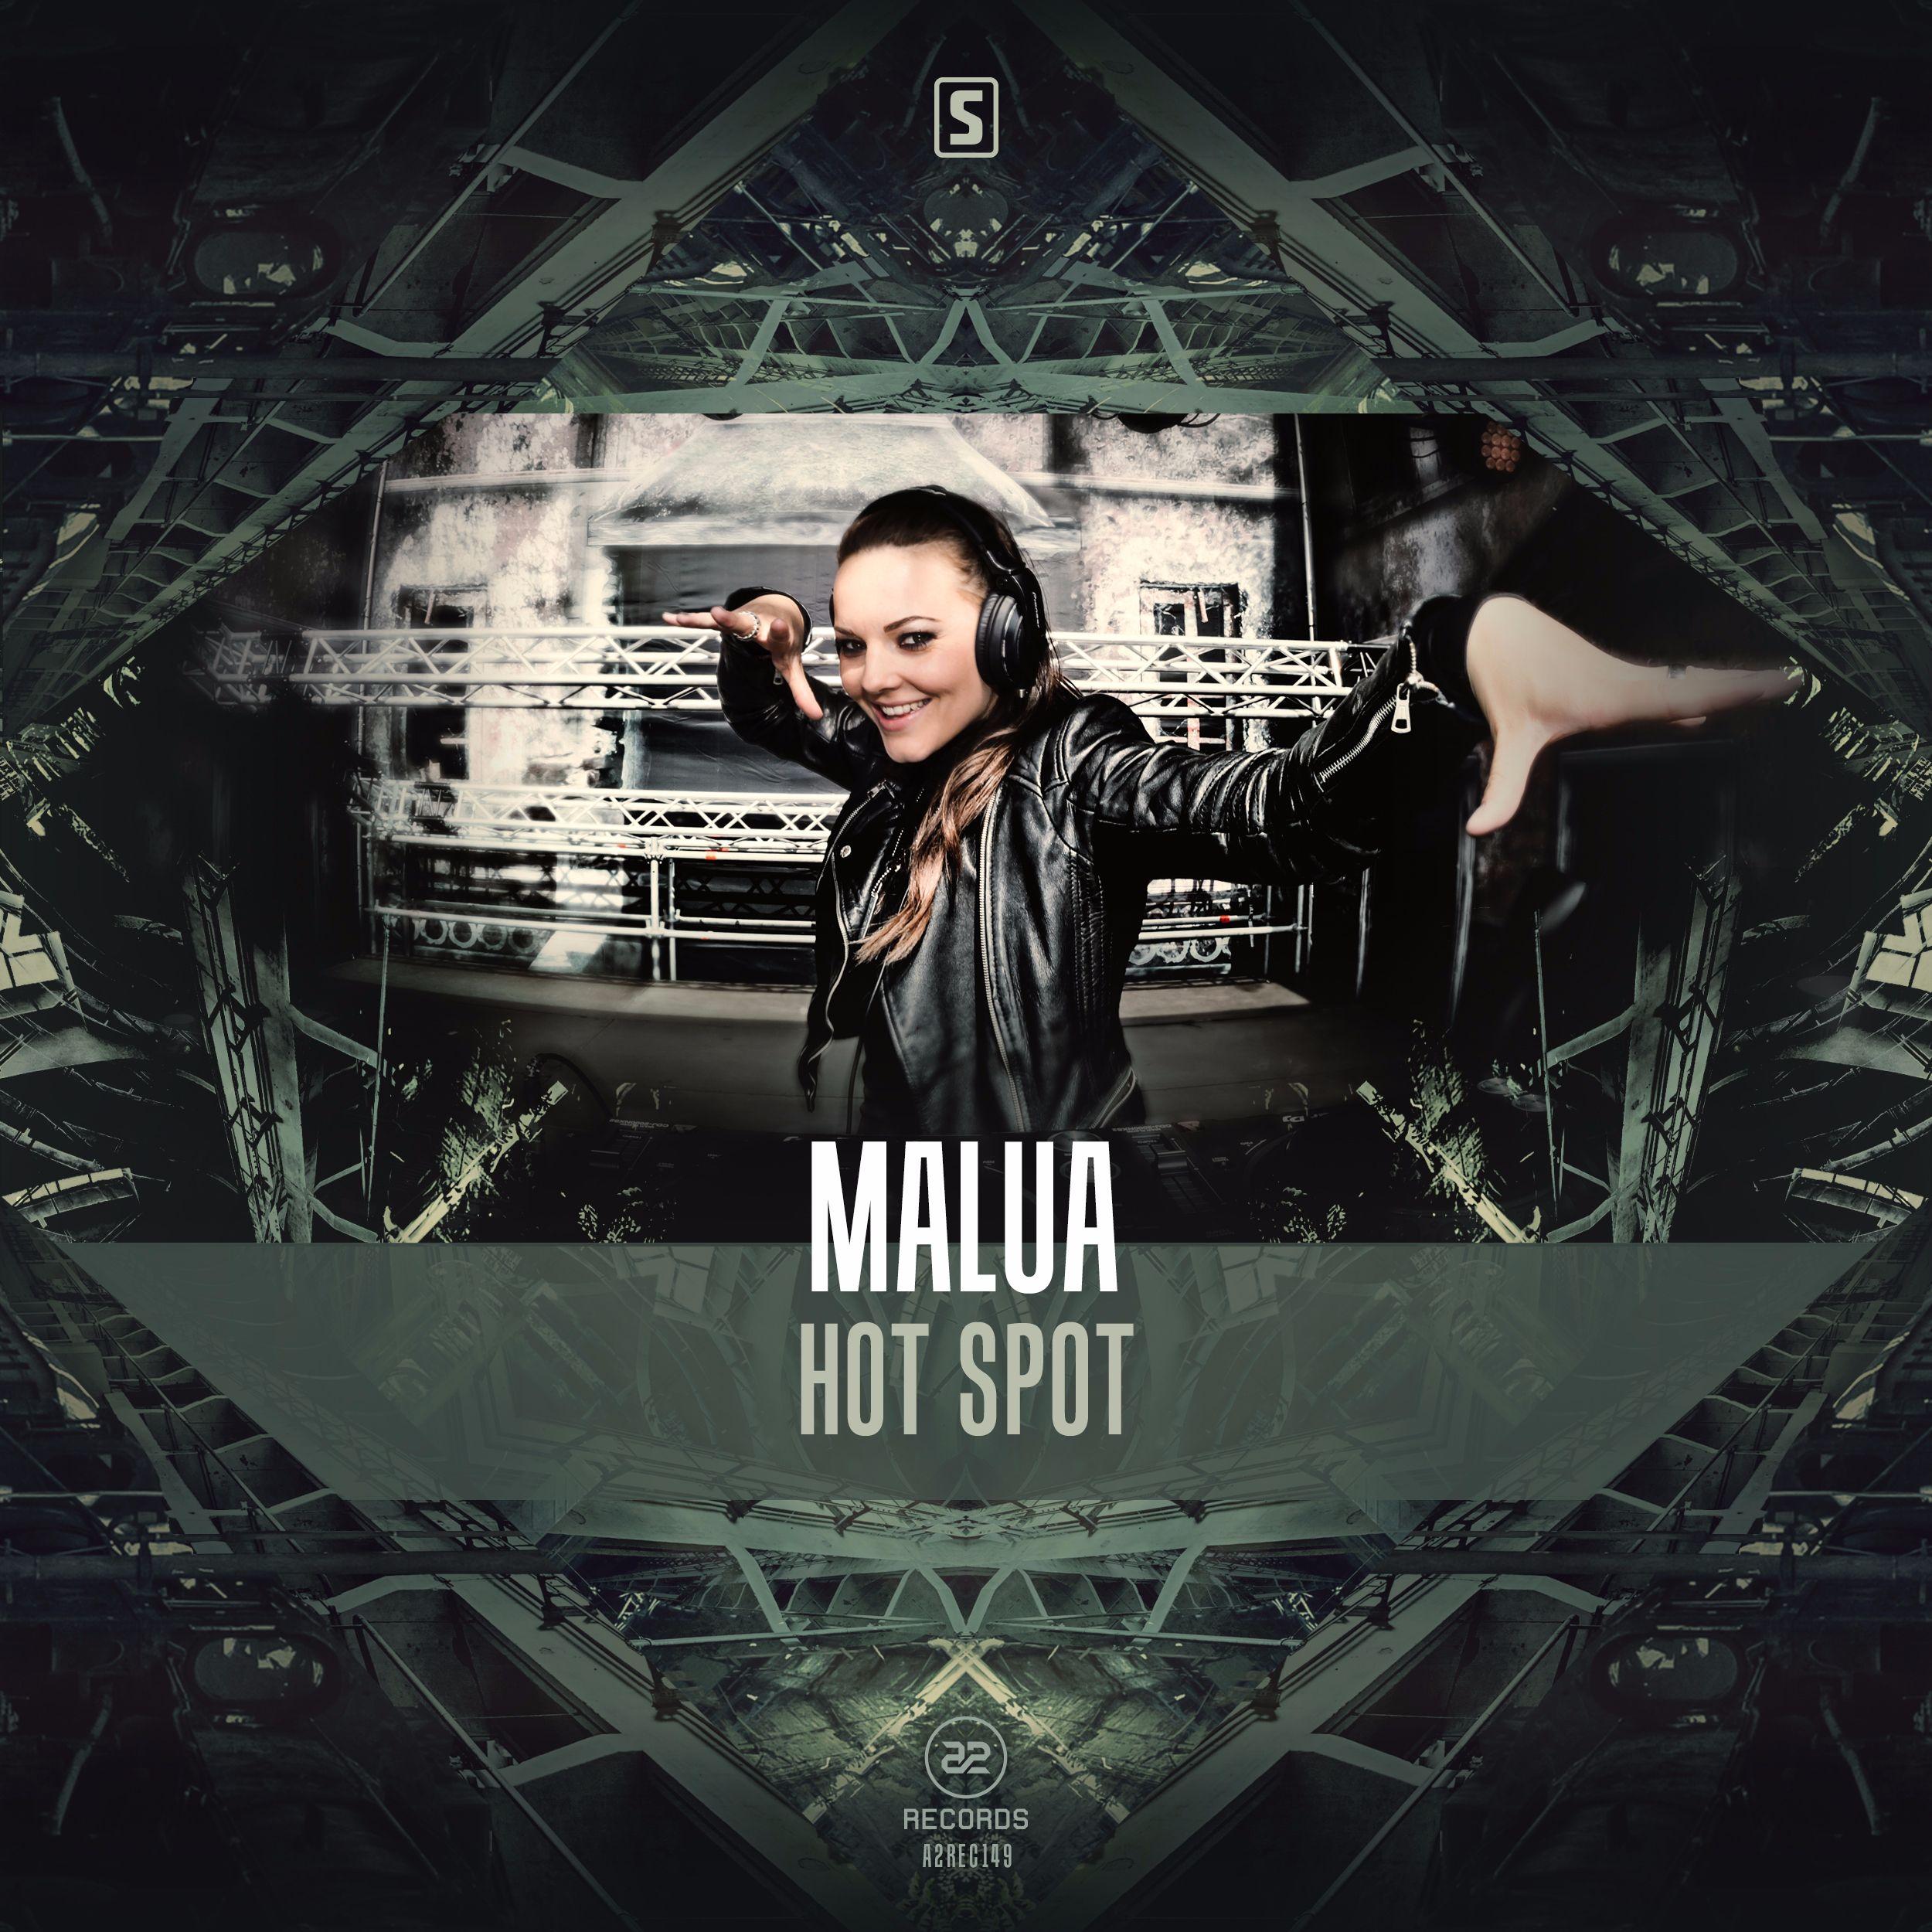 Malua - Hot Spot [A2 RECORDS] A2REC149